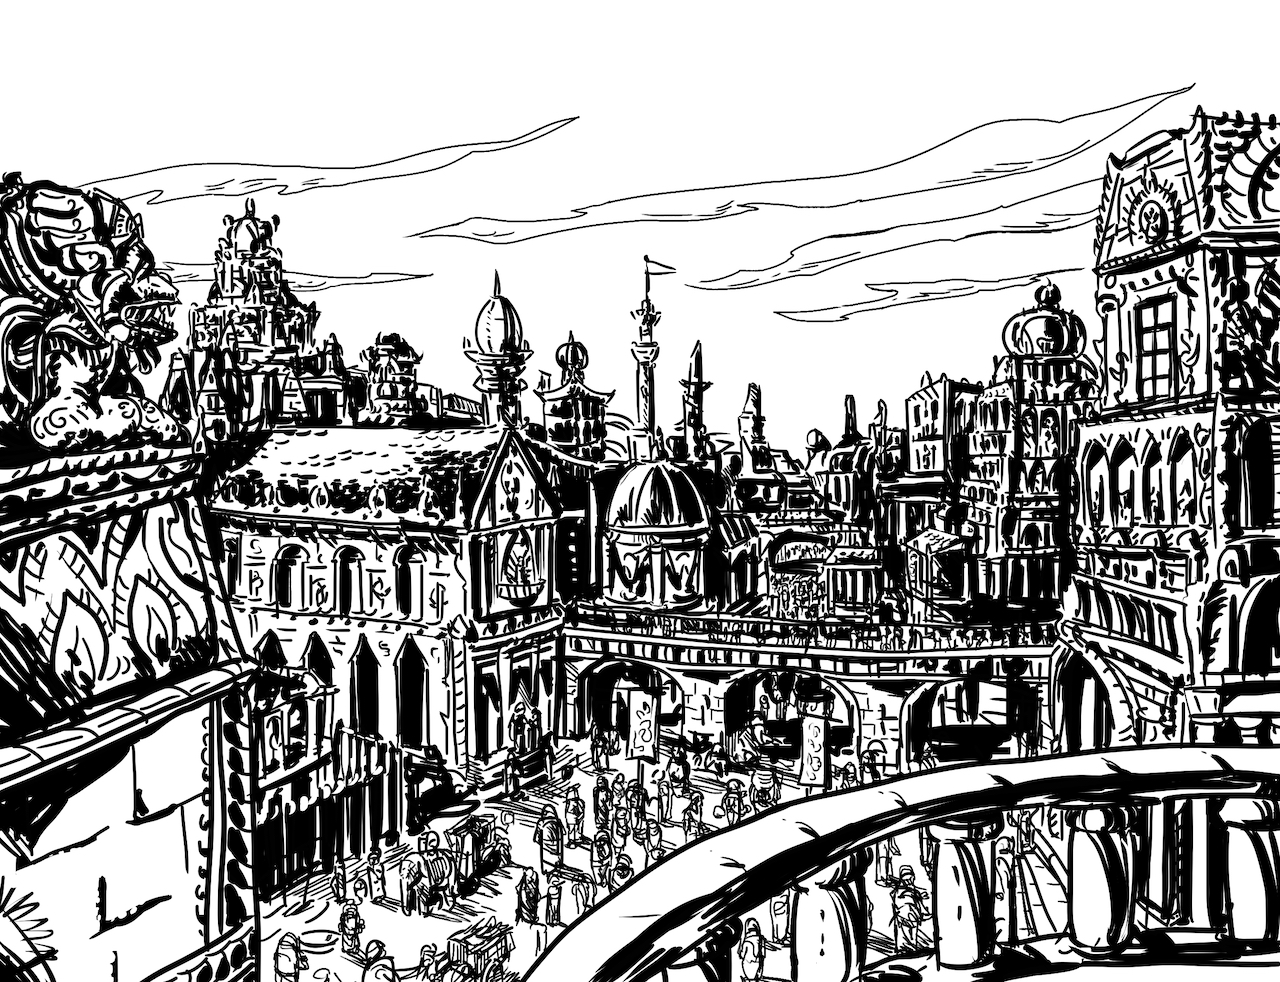 Parsantium's Temple Ward by Matt Morrow